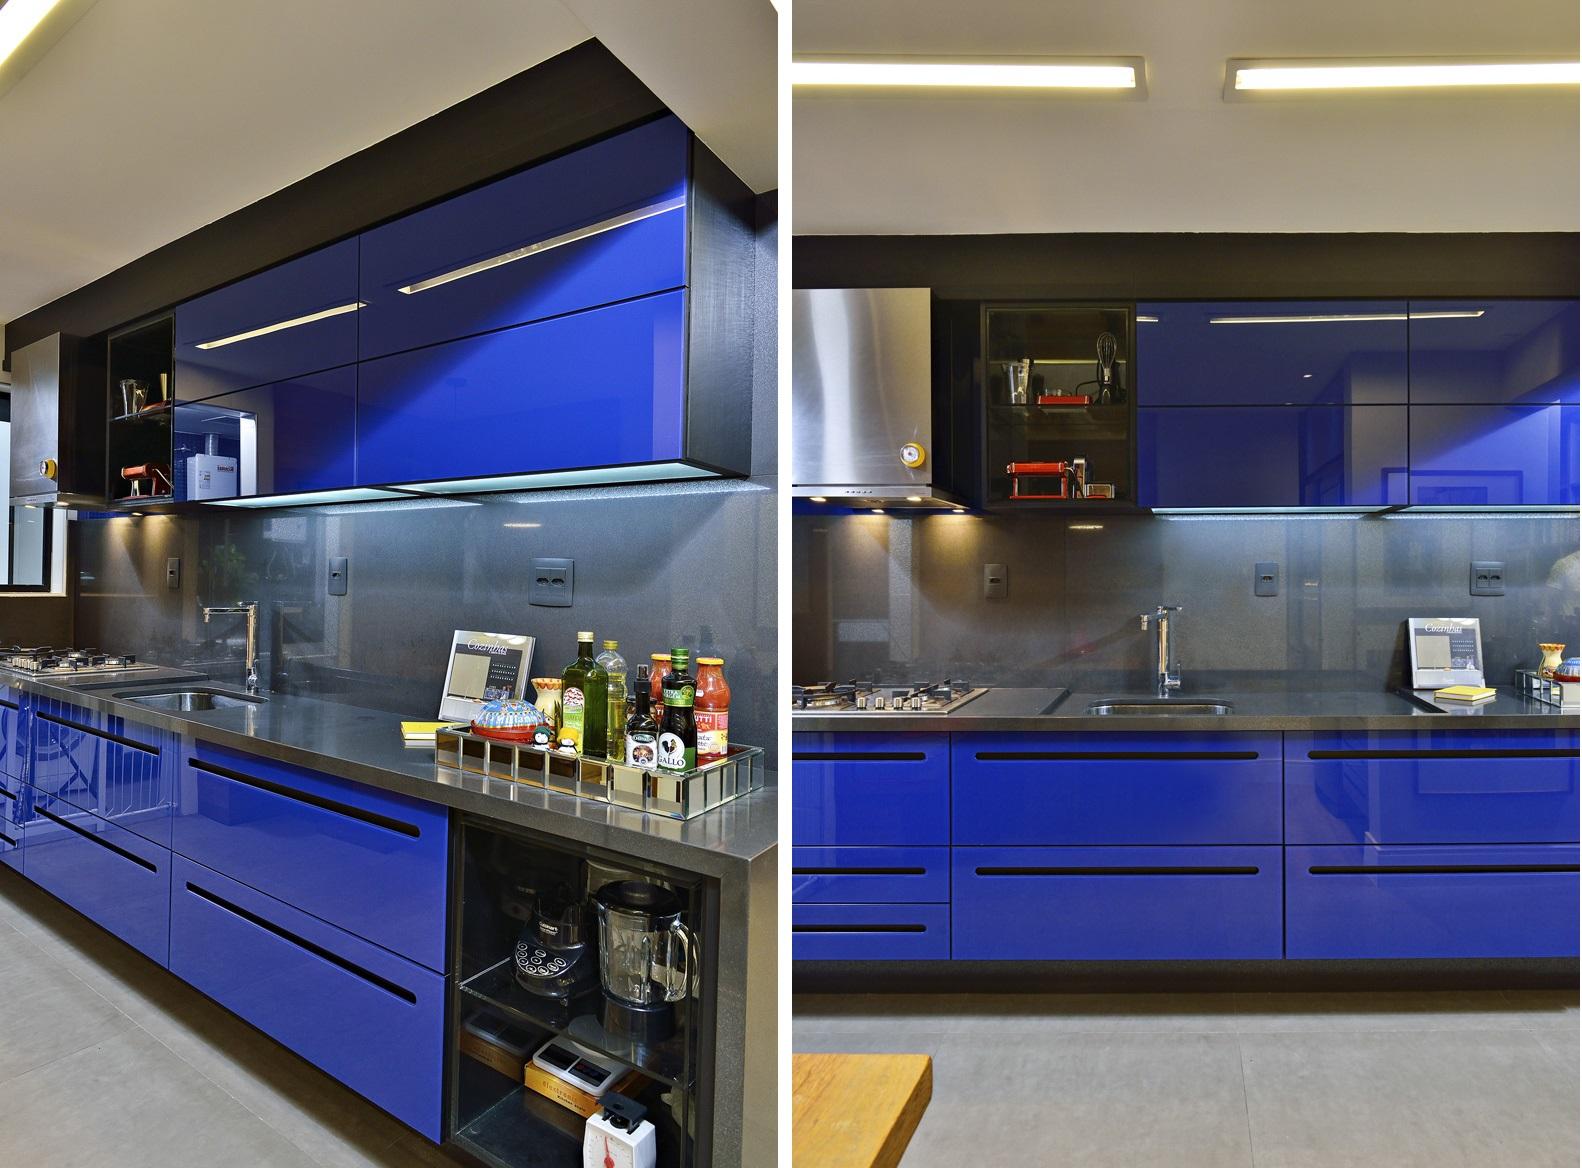 01 - Cozinha arrojada aposta em armários com portas azul royal